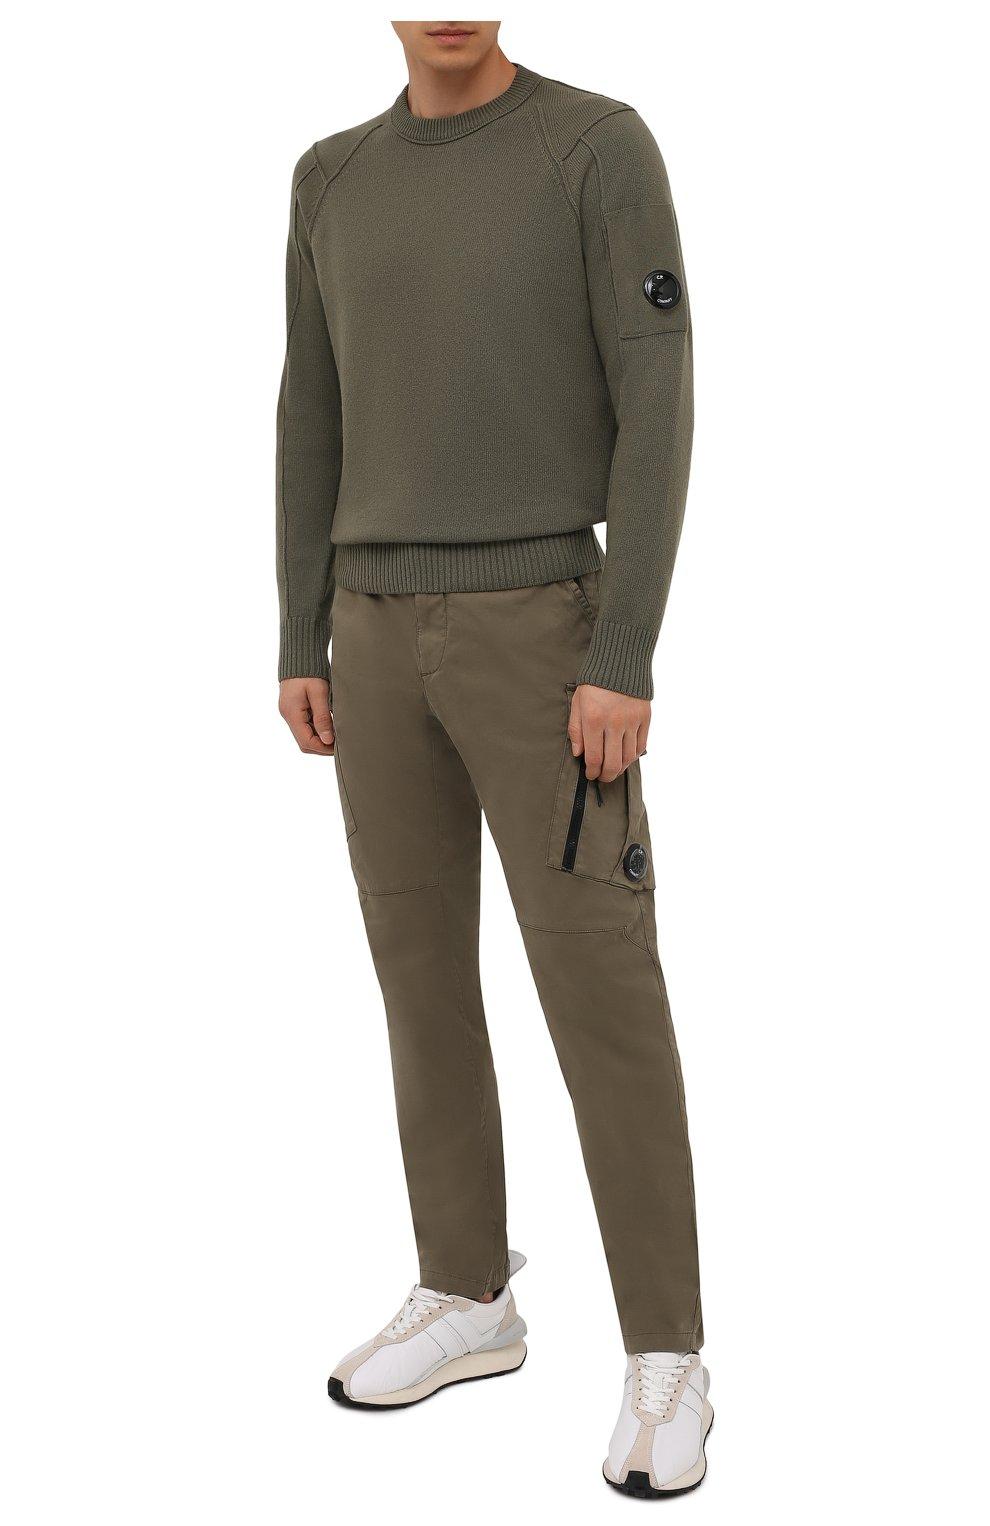 Мужские хлопковые брюки-карго C.P. COMPANY хаки цвета, арт. 11CMPA226A-005529G | Фото 2 (Силуэт М (брюки): Карго; Длина (брюки, джинсы): Стандартные; Случай: Повседневный; Стили: Милитари; Материал внешний: Хлопок)